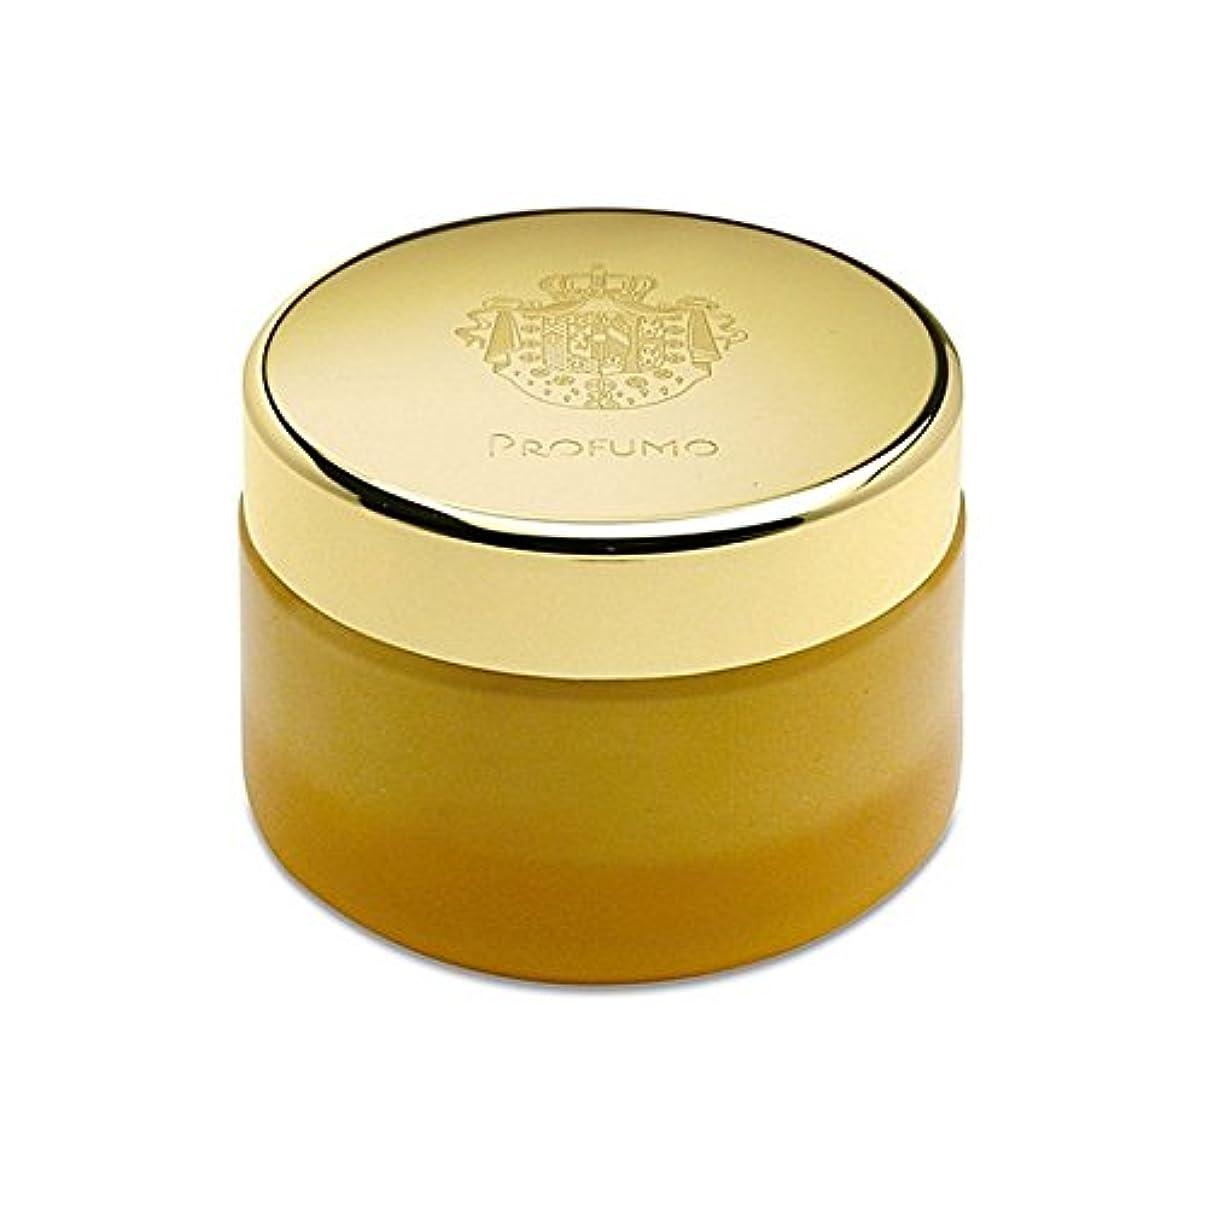 却下する基礎合理化Acqua Di Parma Profumo Body Cream 200ml (Pack of 6) - アクアディパルマボディクリーム200ミリリットル x6 [並行輸入品]